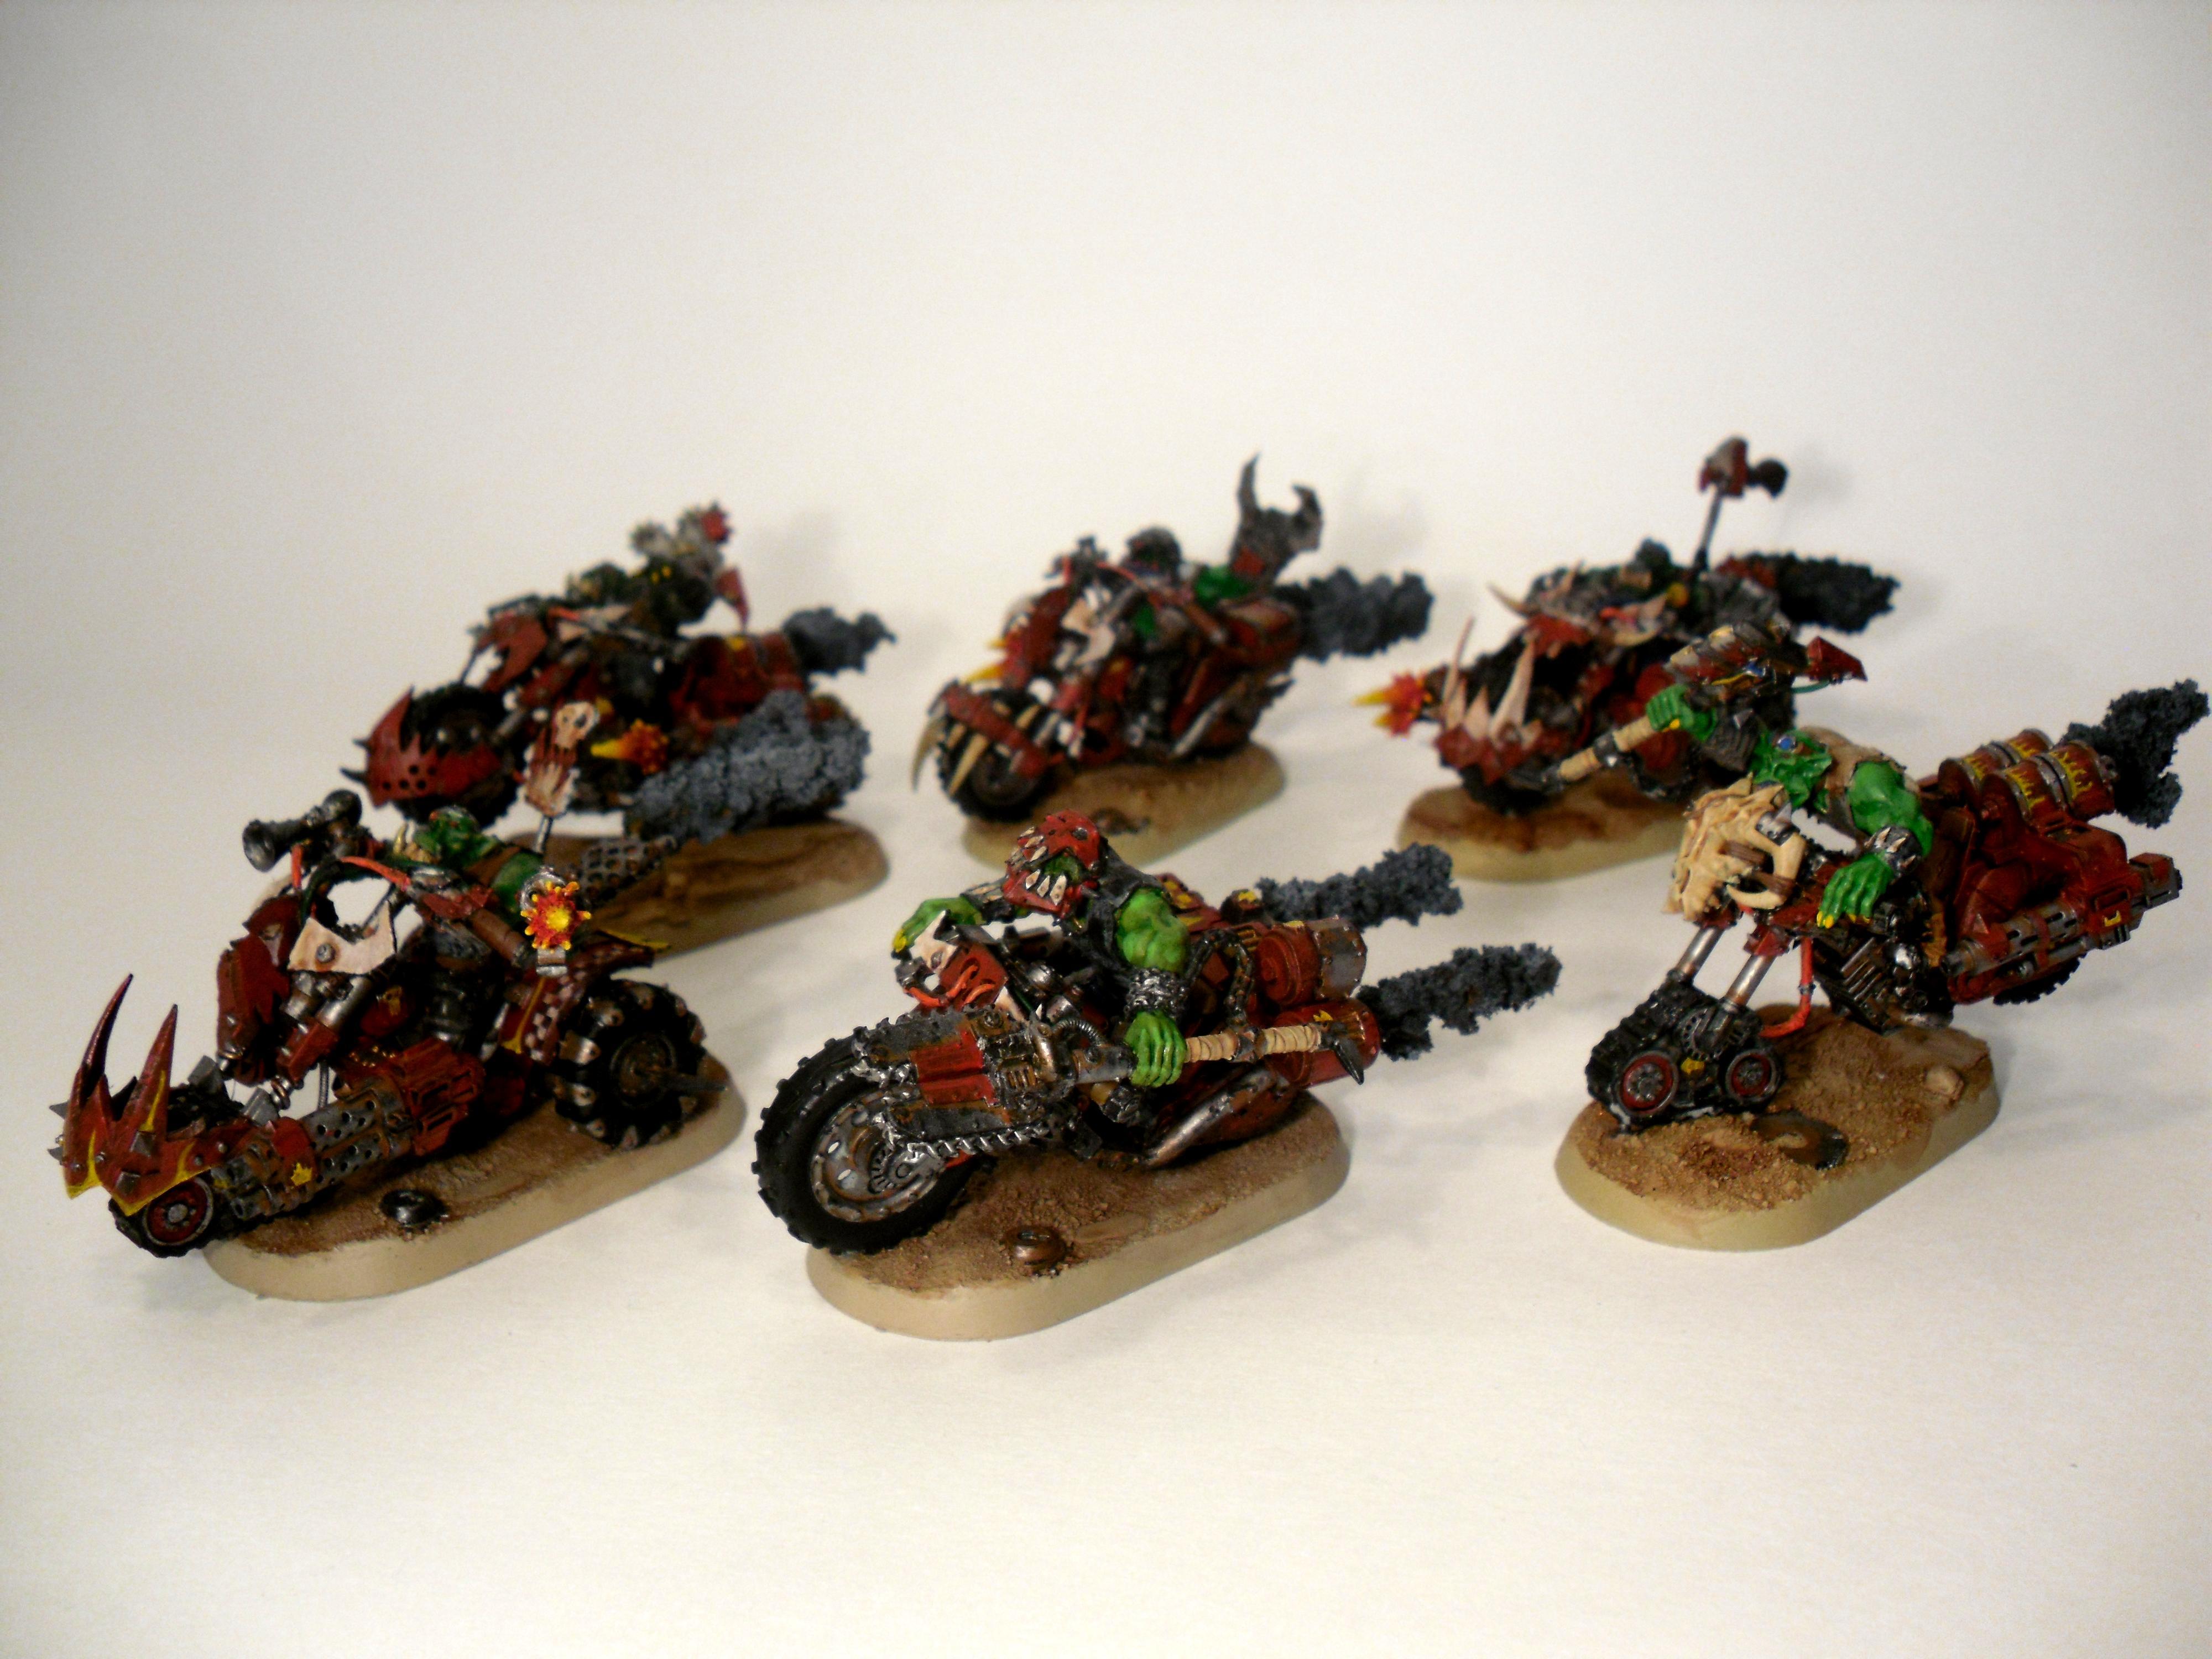 Bike, Nob, Nob Bikers, Ork Nobz, Orks